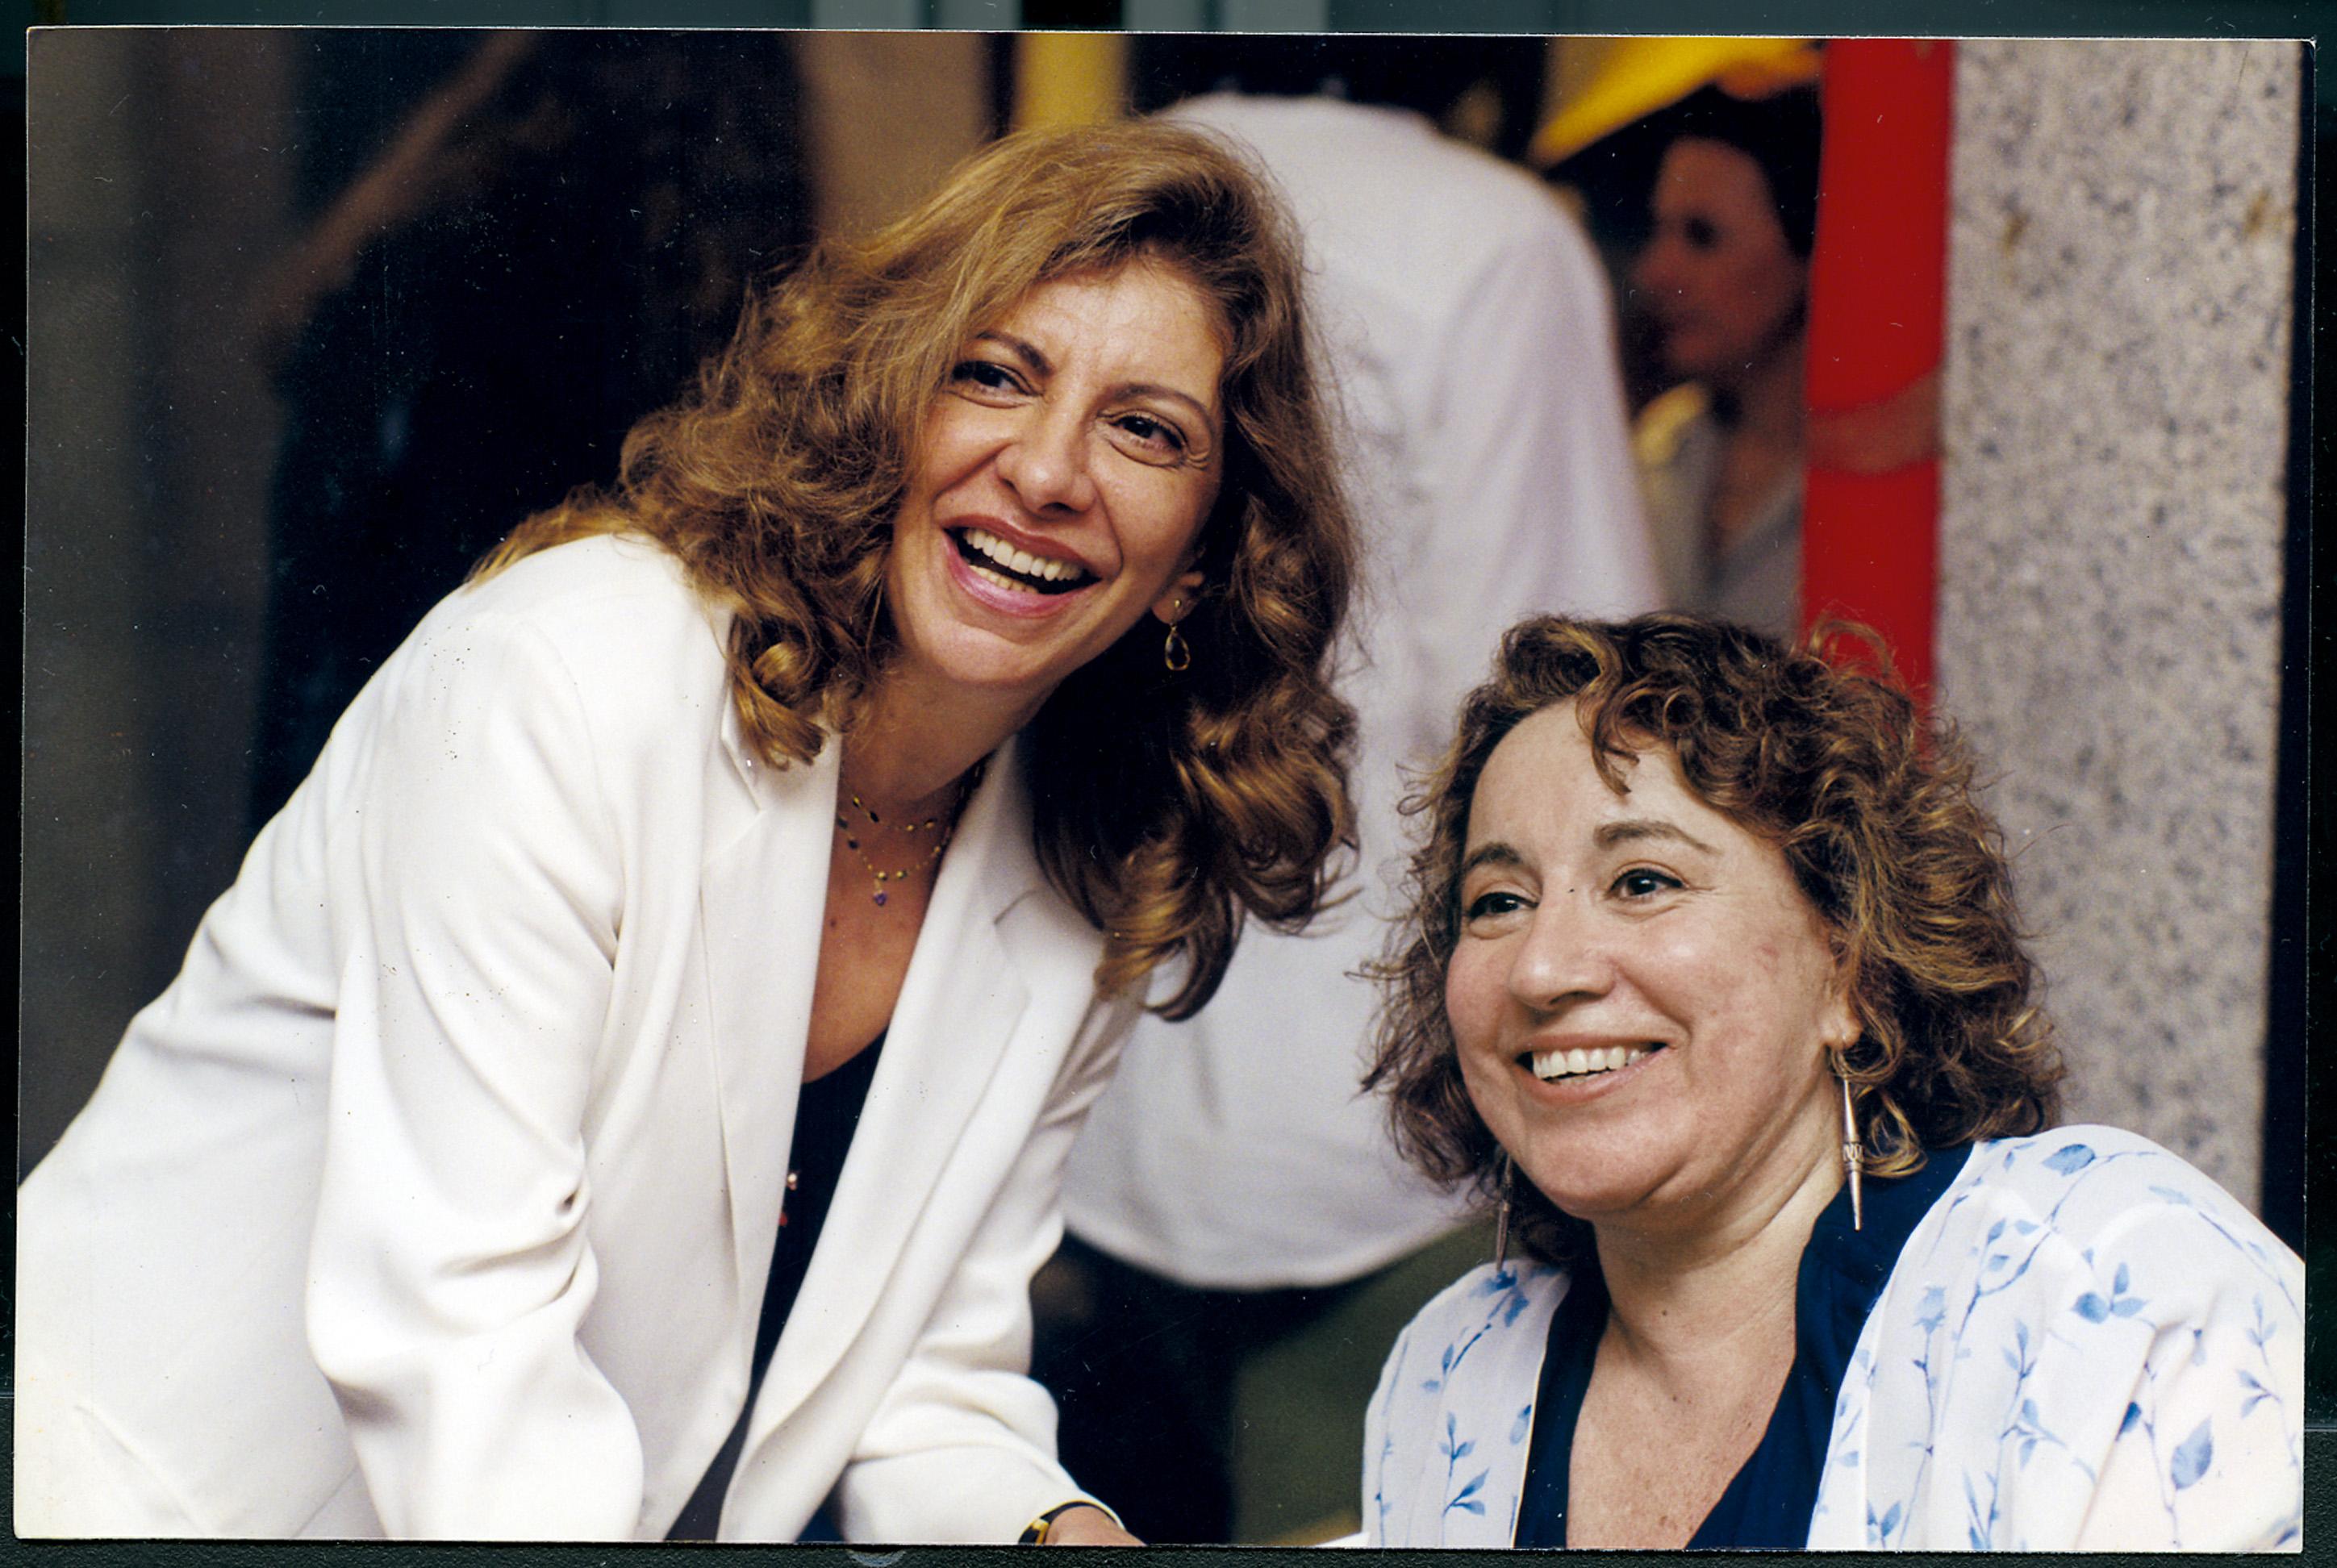 Dois anos depois, com Marília Pêra em mais uma noite de autógrafos da mesma obra